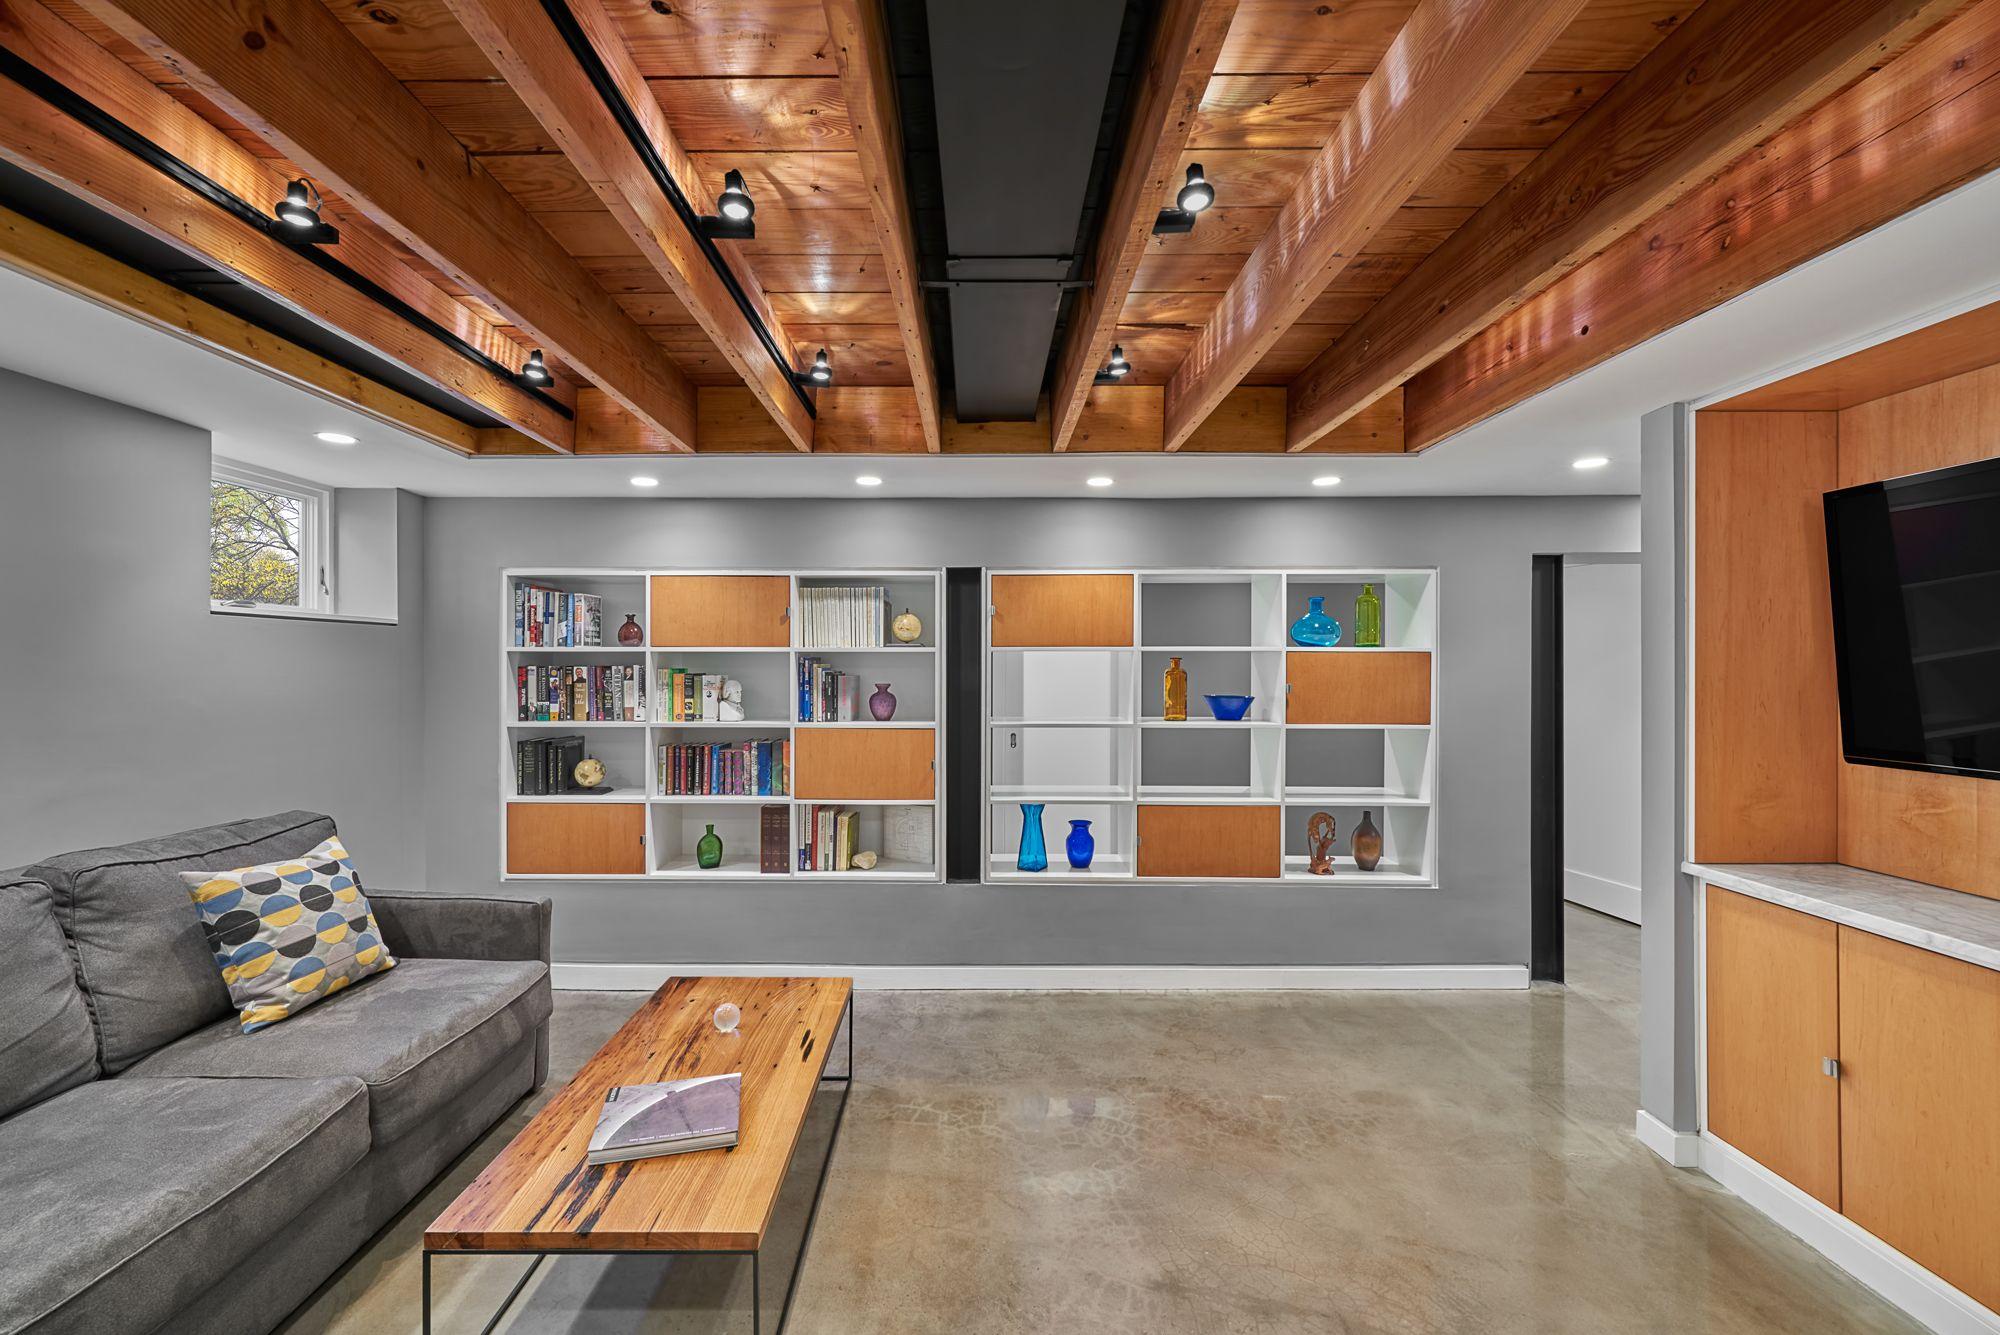 plafond couleur bois plancher epoxy chaleureux sous sol des myriques pinterest poxy. Black Bedroom Furniture Sets. Home Design Ideas